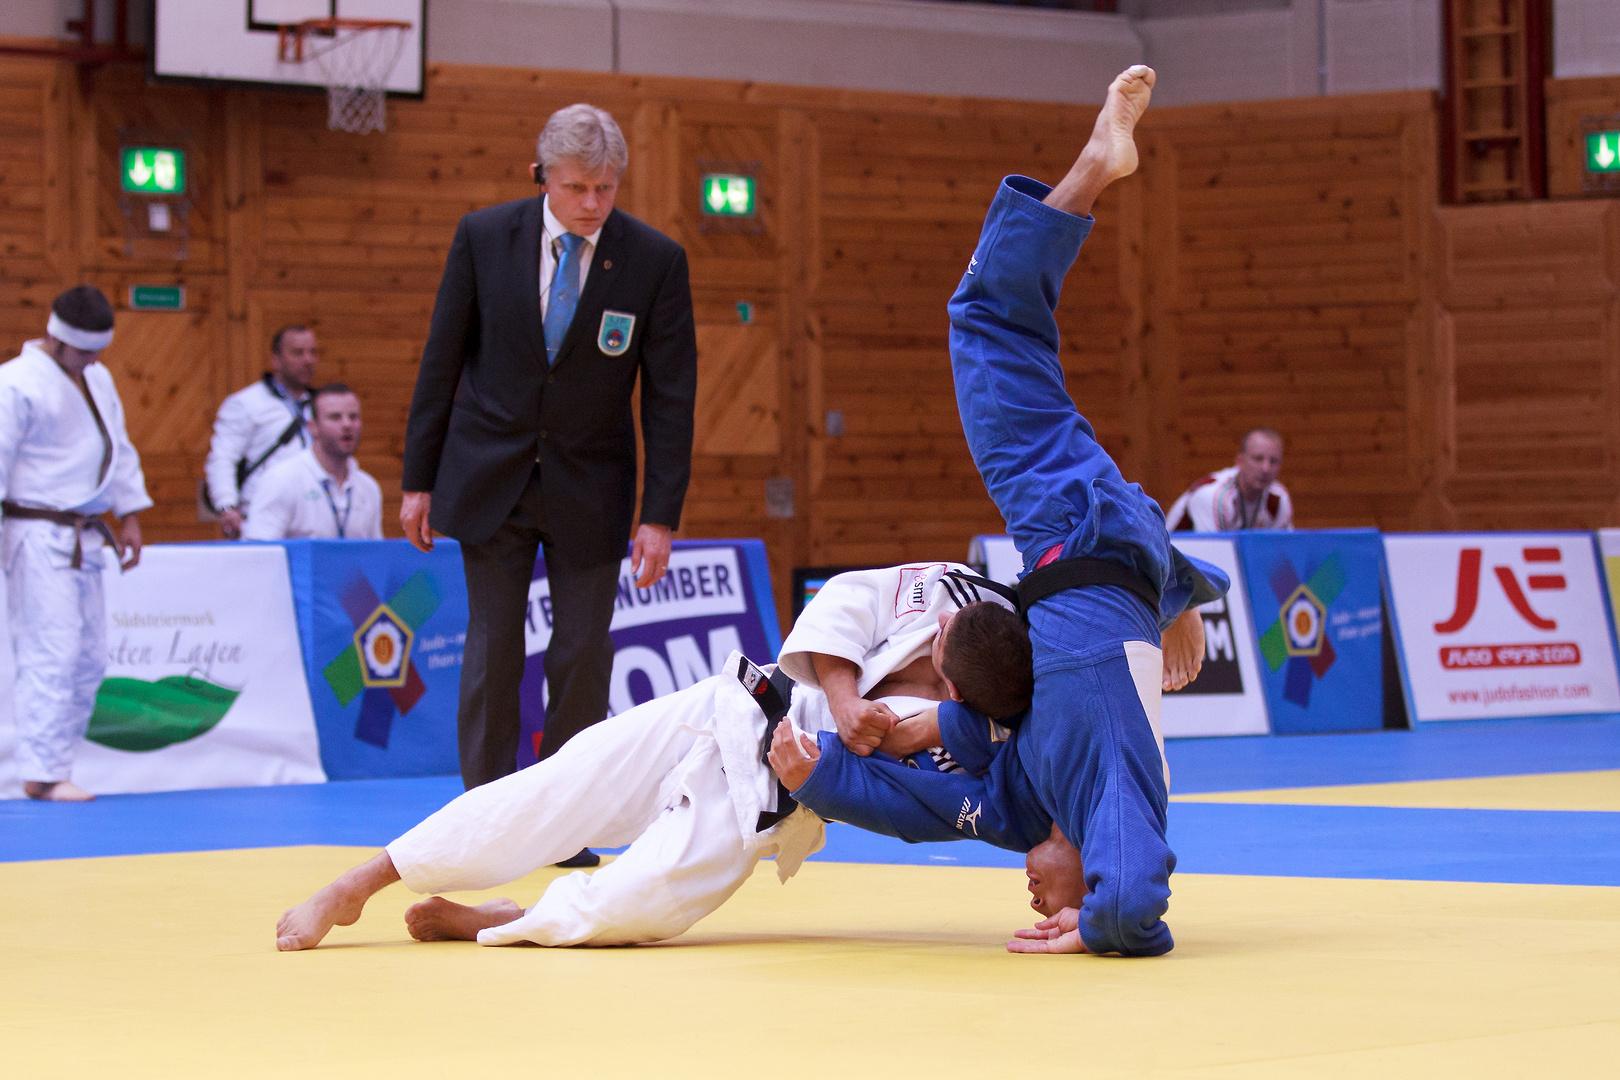 Judo Europacup Junioren Leibnitz 2014 ... 2